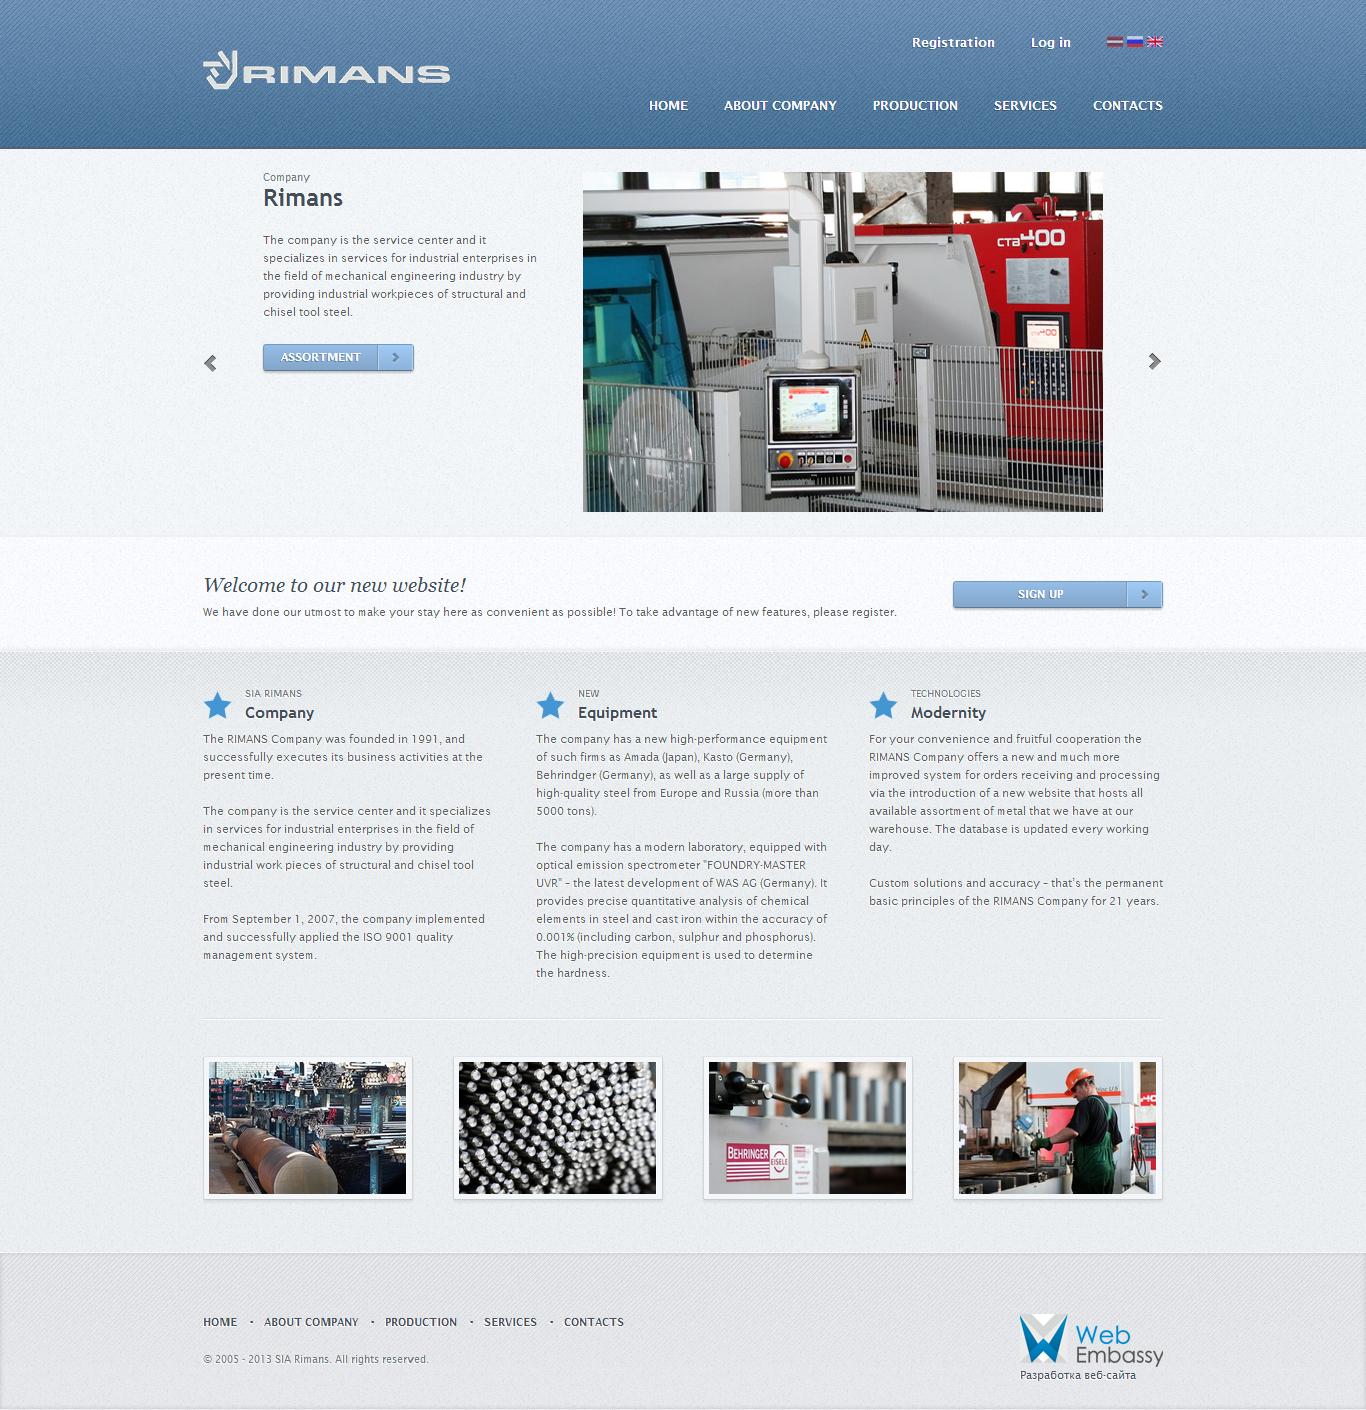 Разработка веб-сайта, интернет-магазина и системы автоматизации приема и обработки заказов